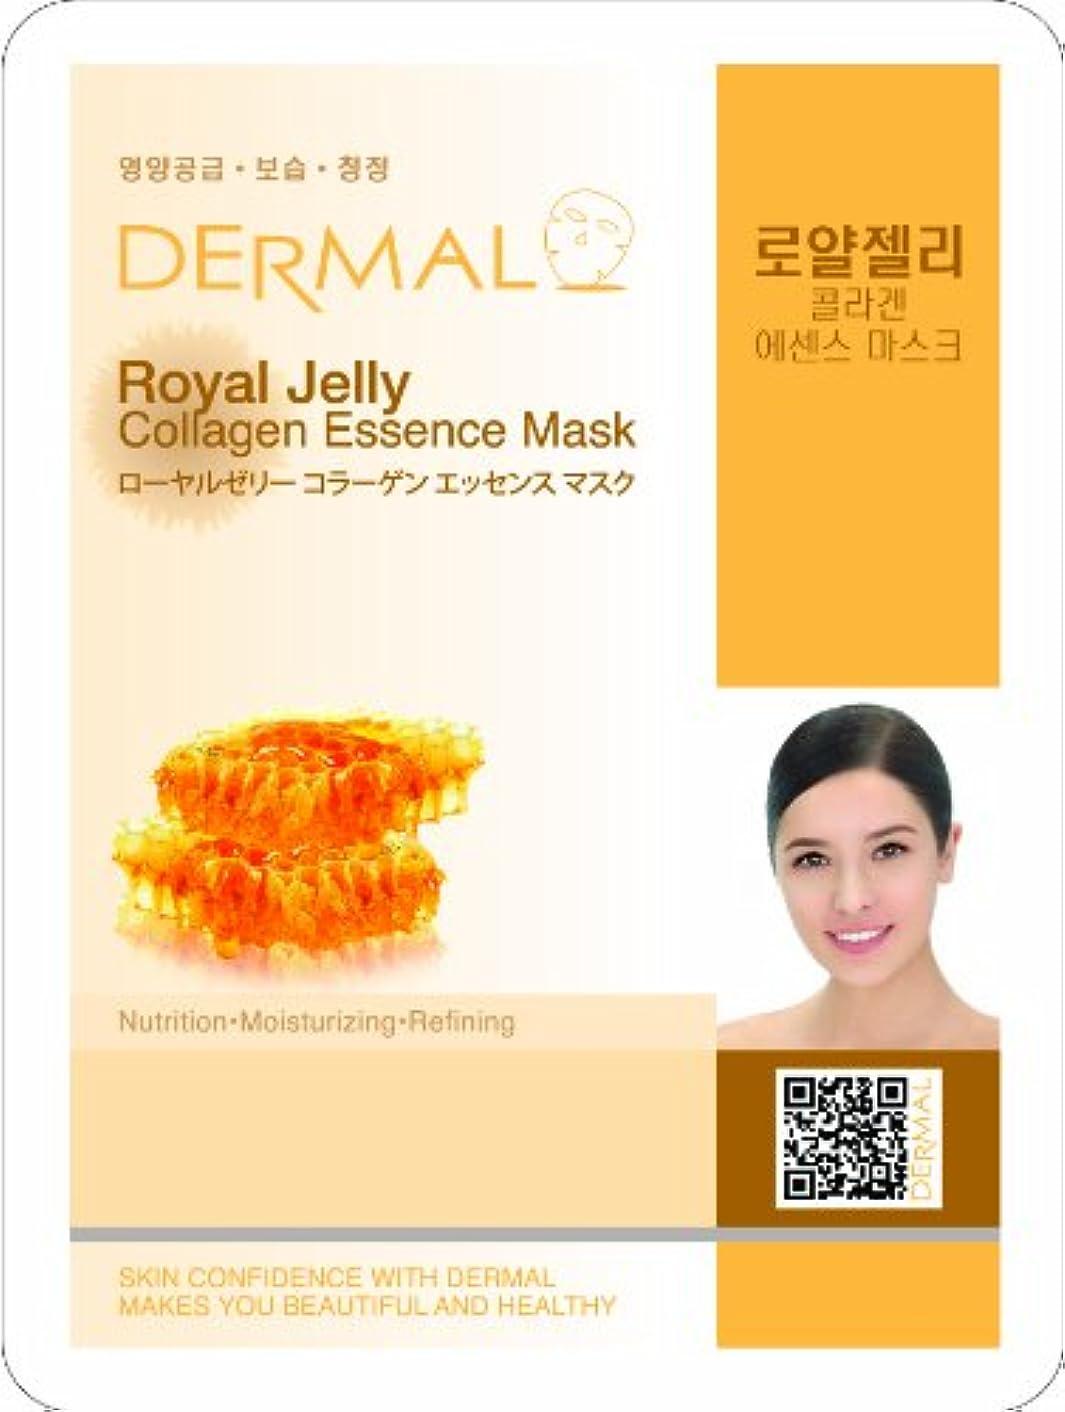 保守的表向き肌【DERMAL】ダーマル シートマスク ローヤルゼリー 10枚セット/保湿/フェイスマスク/フェイスパック/マスクパック/韓国コスメ [メール便]